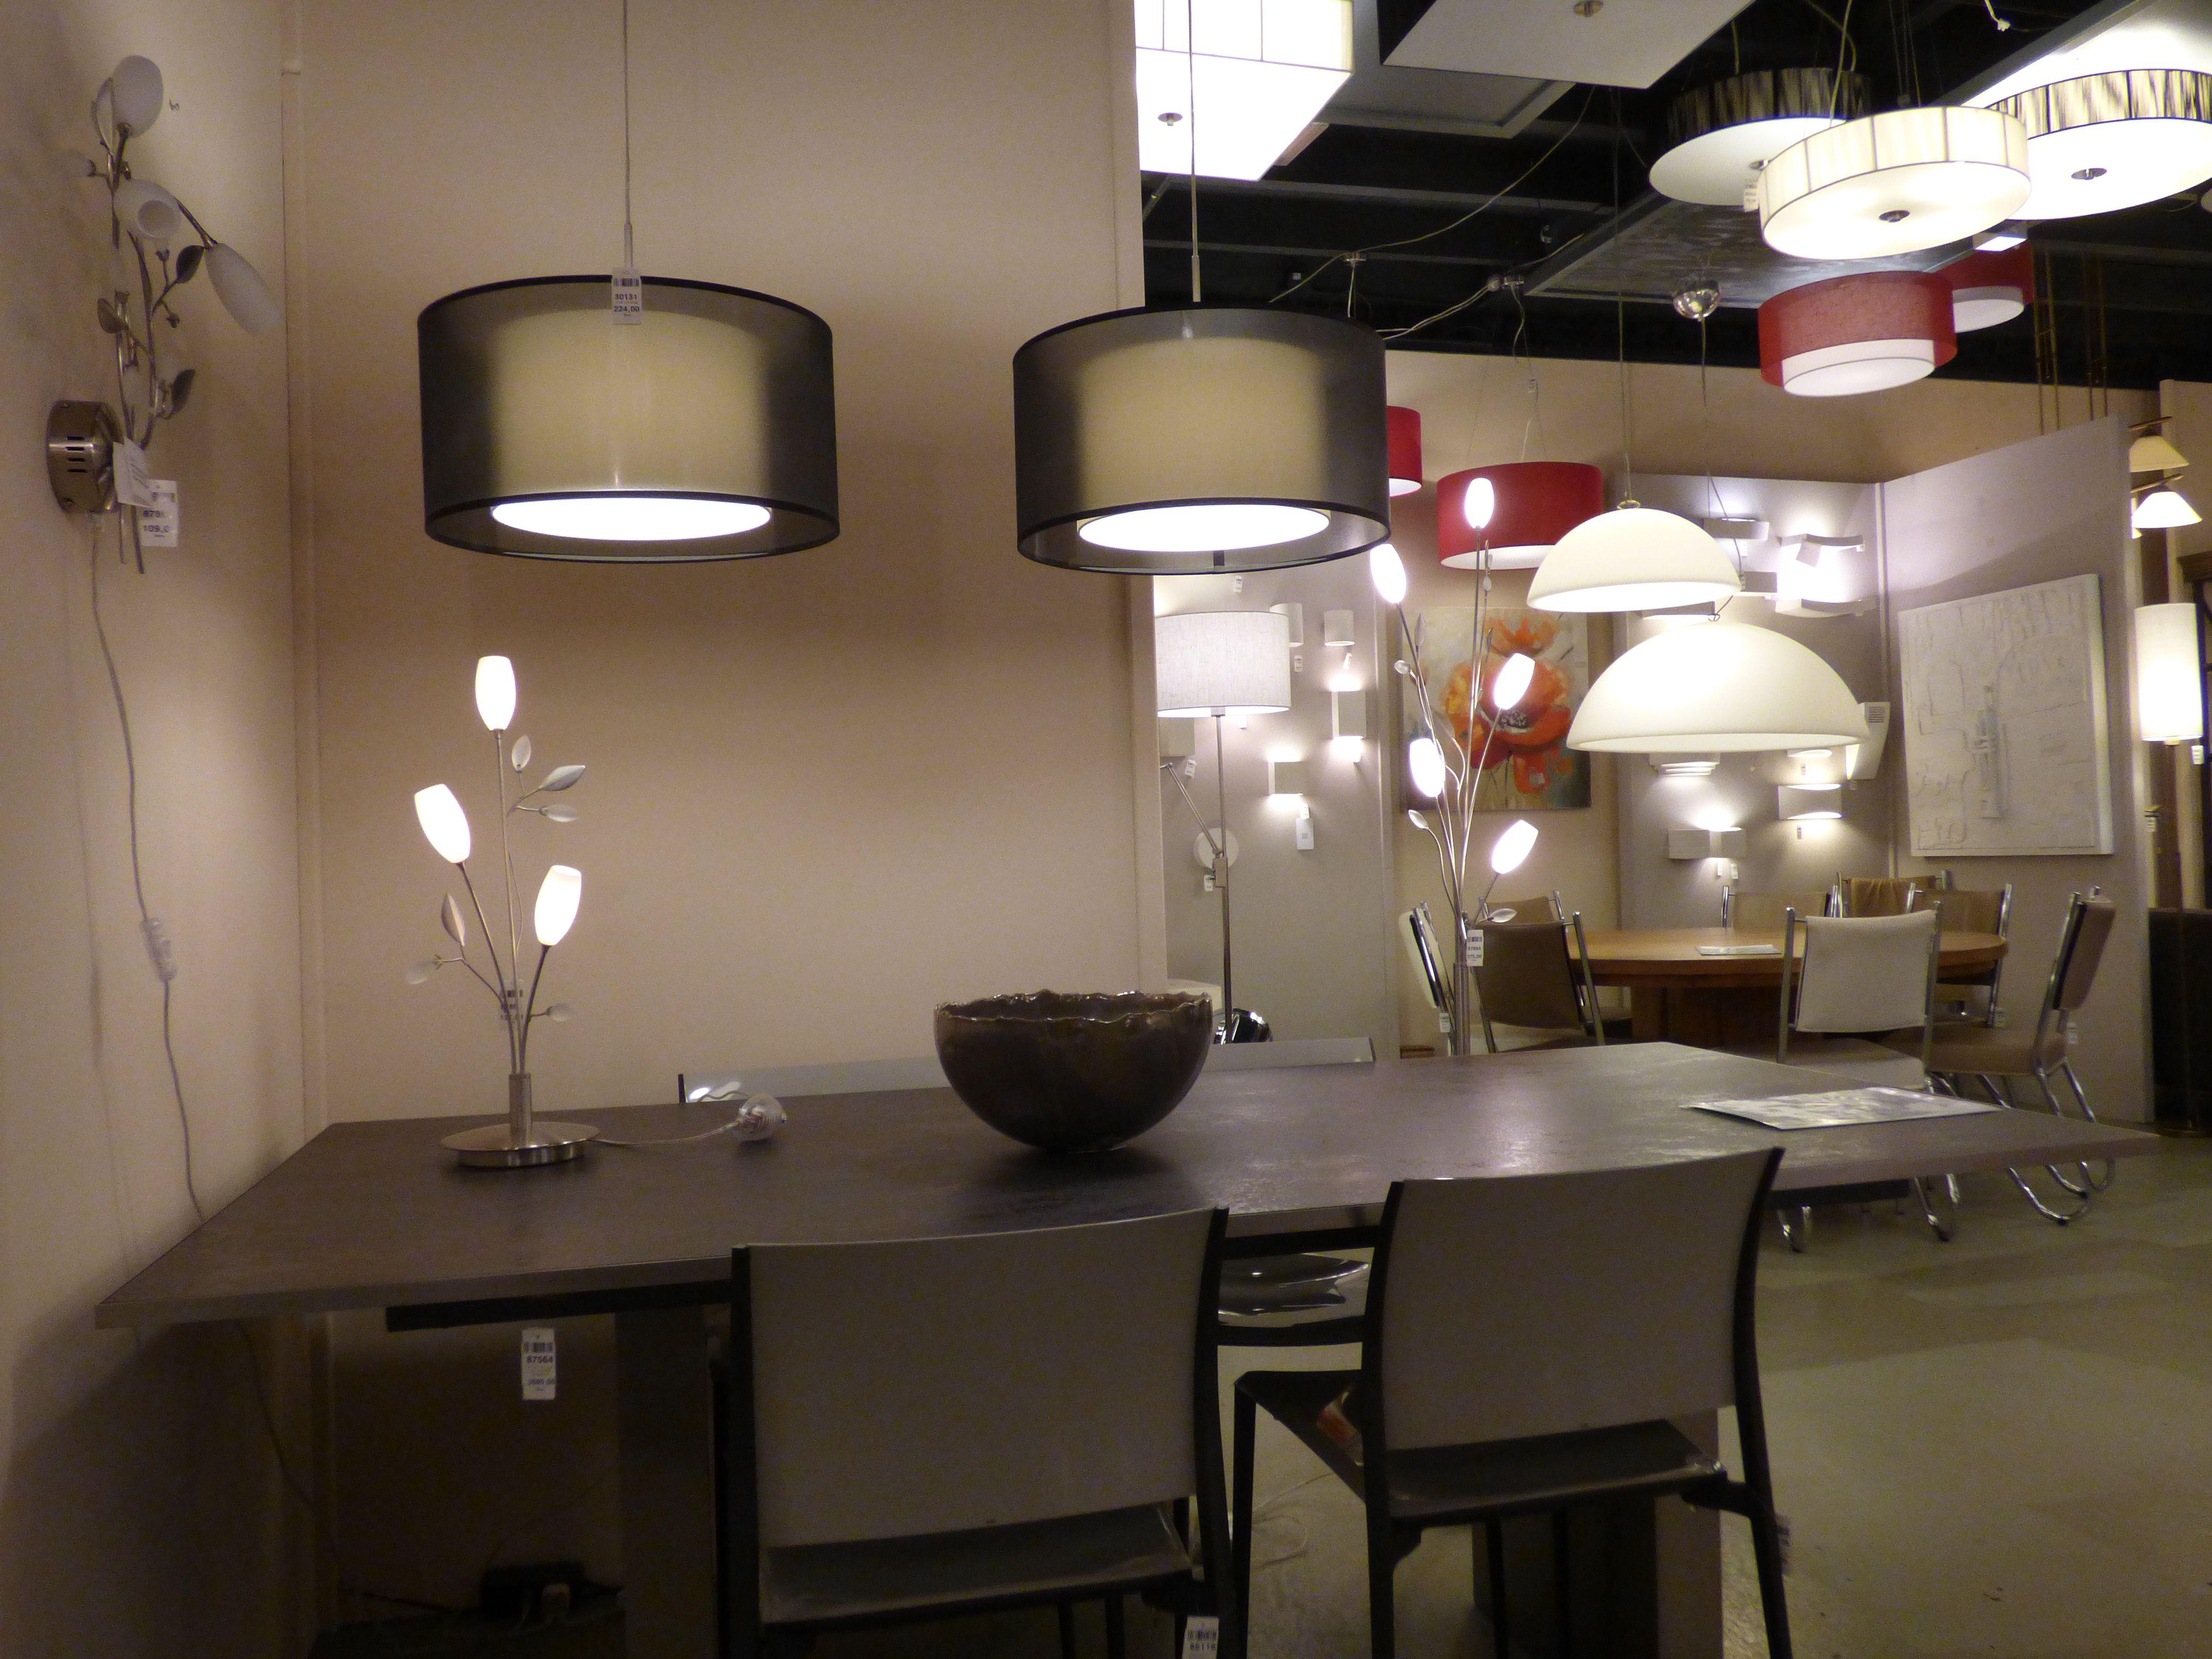 Iluminaci n tienda l mparas para sala decoraci n - Lamparas para comedores modernos ...